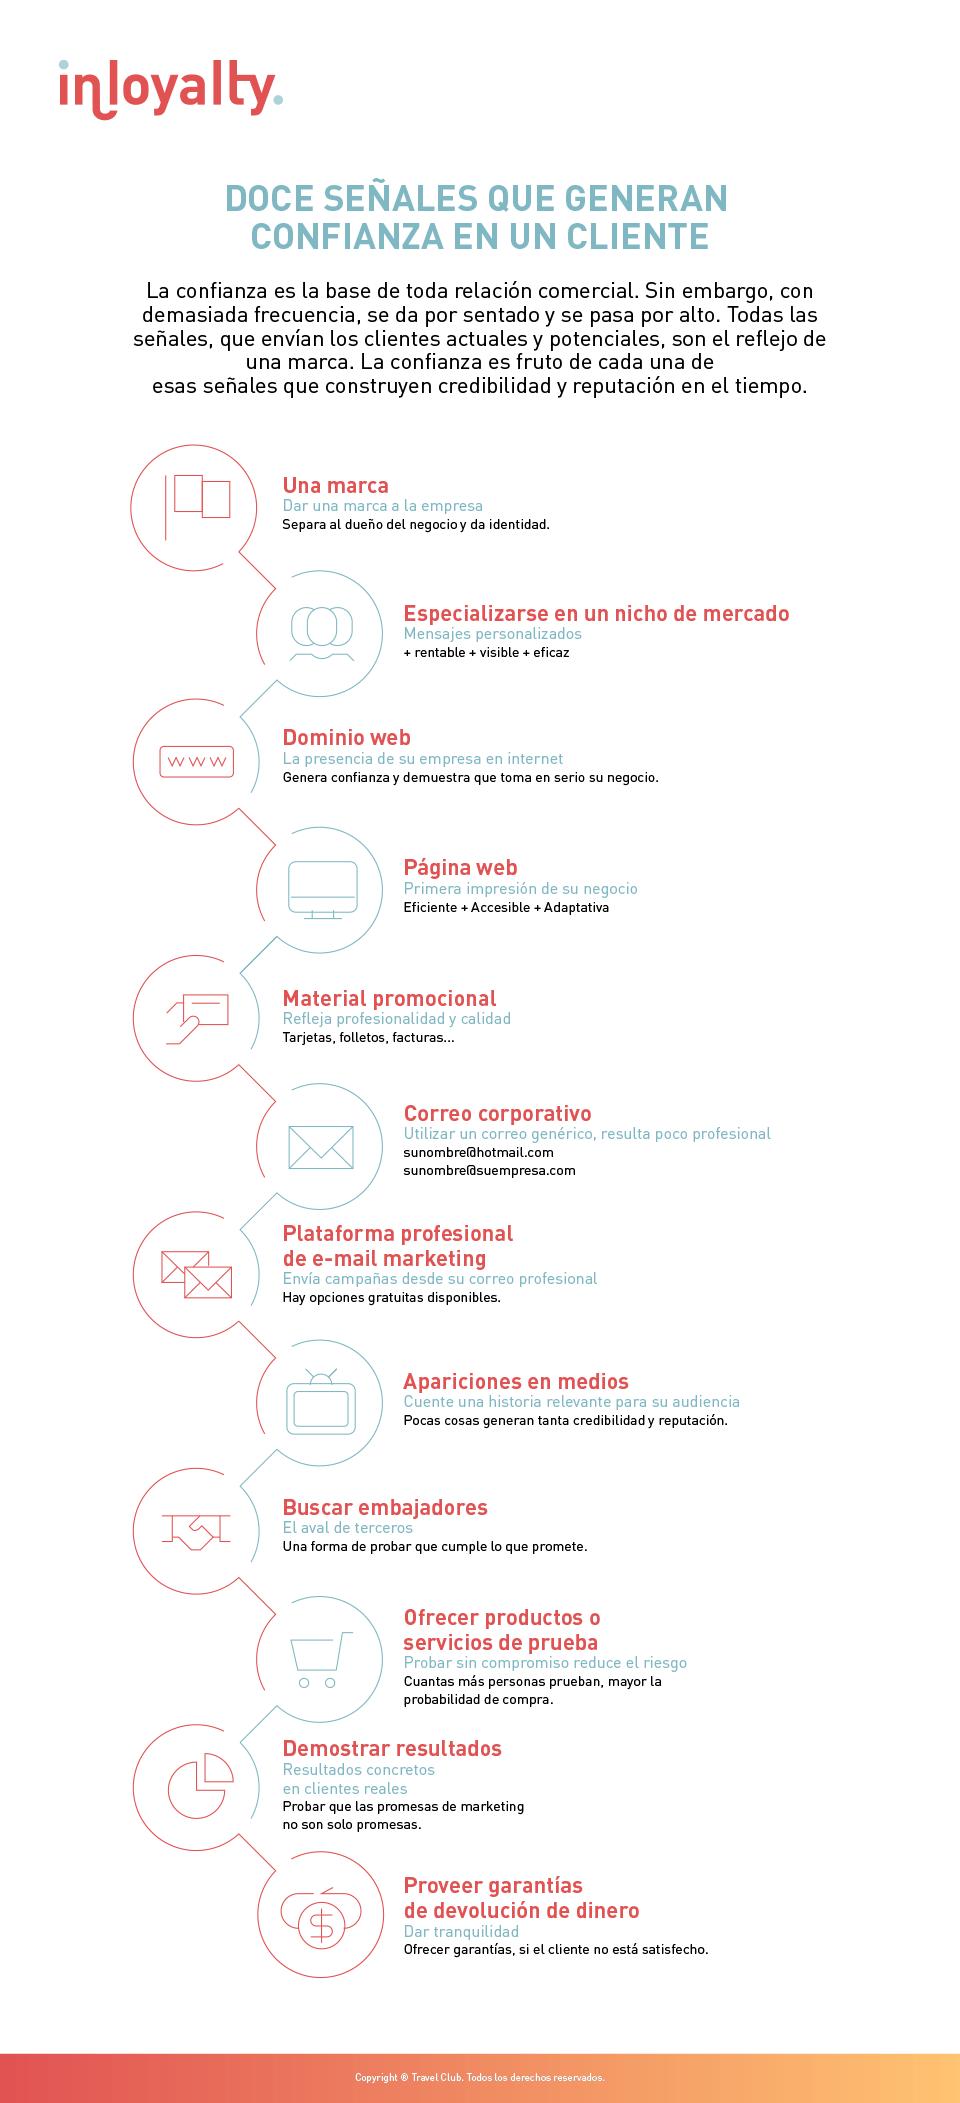 12 señales que generan confianza en un cliente para fidelizarlo - InLoyalty